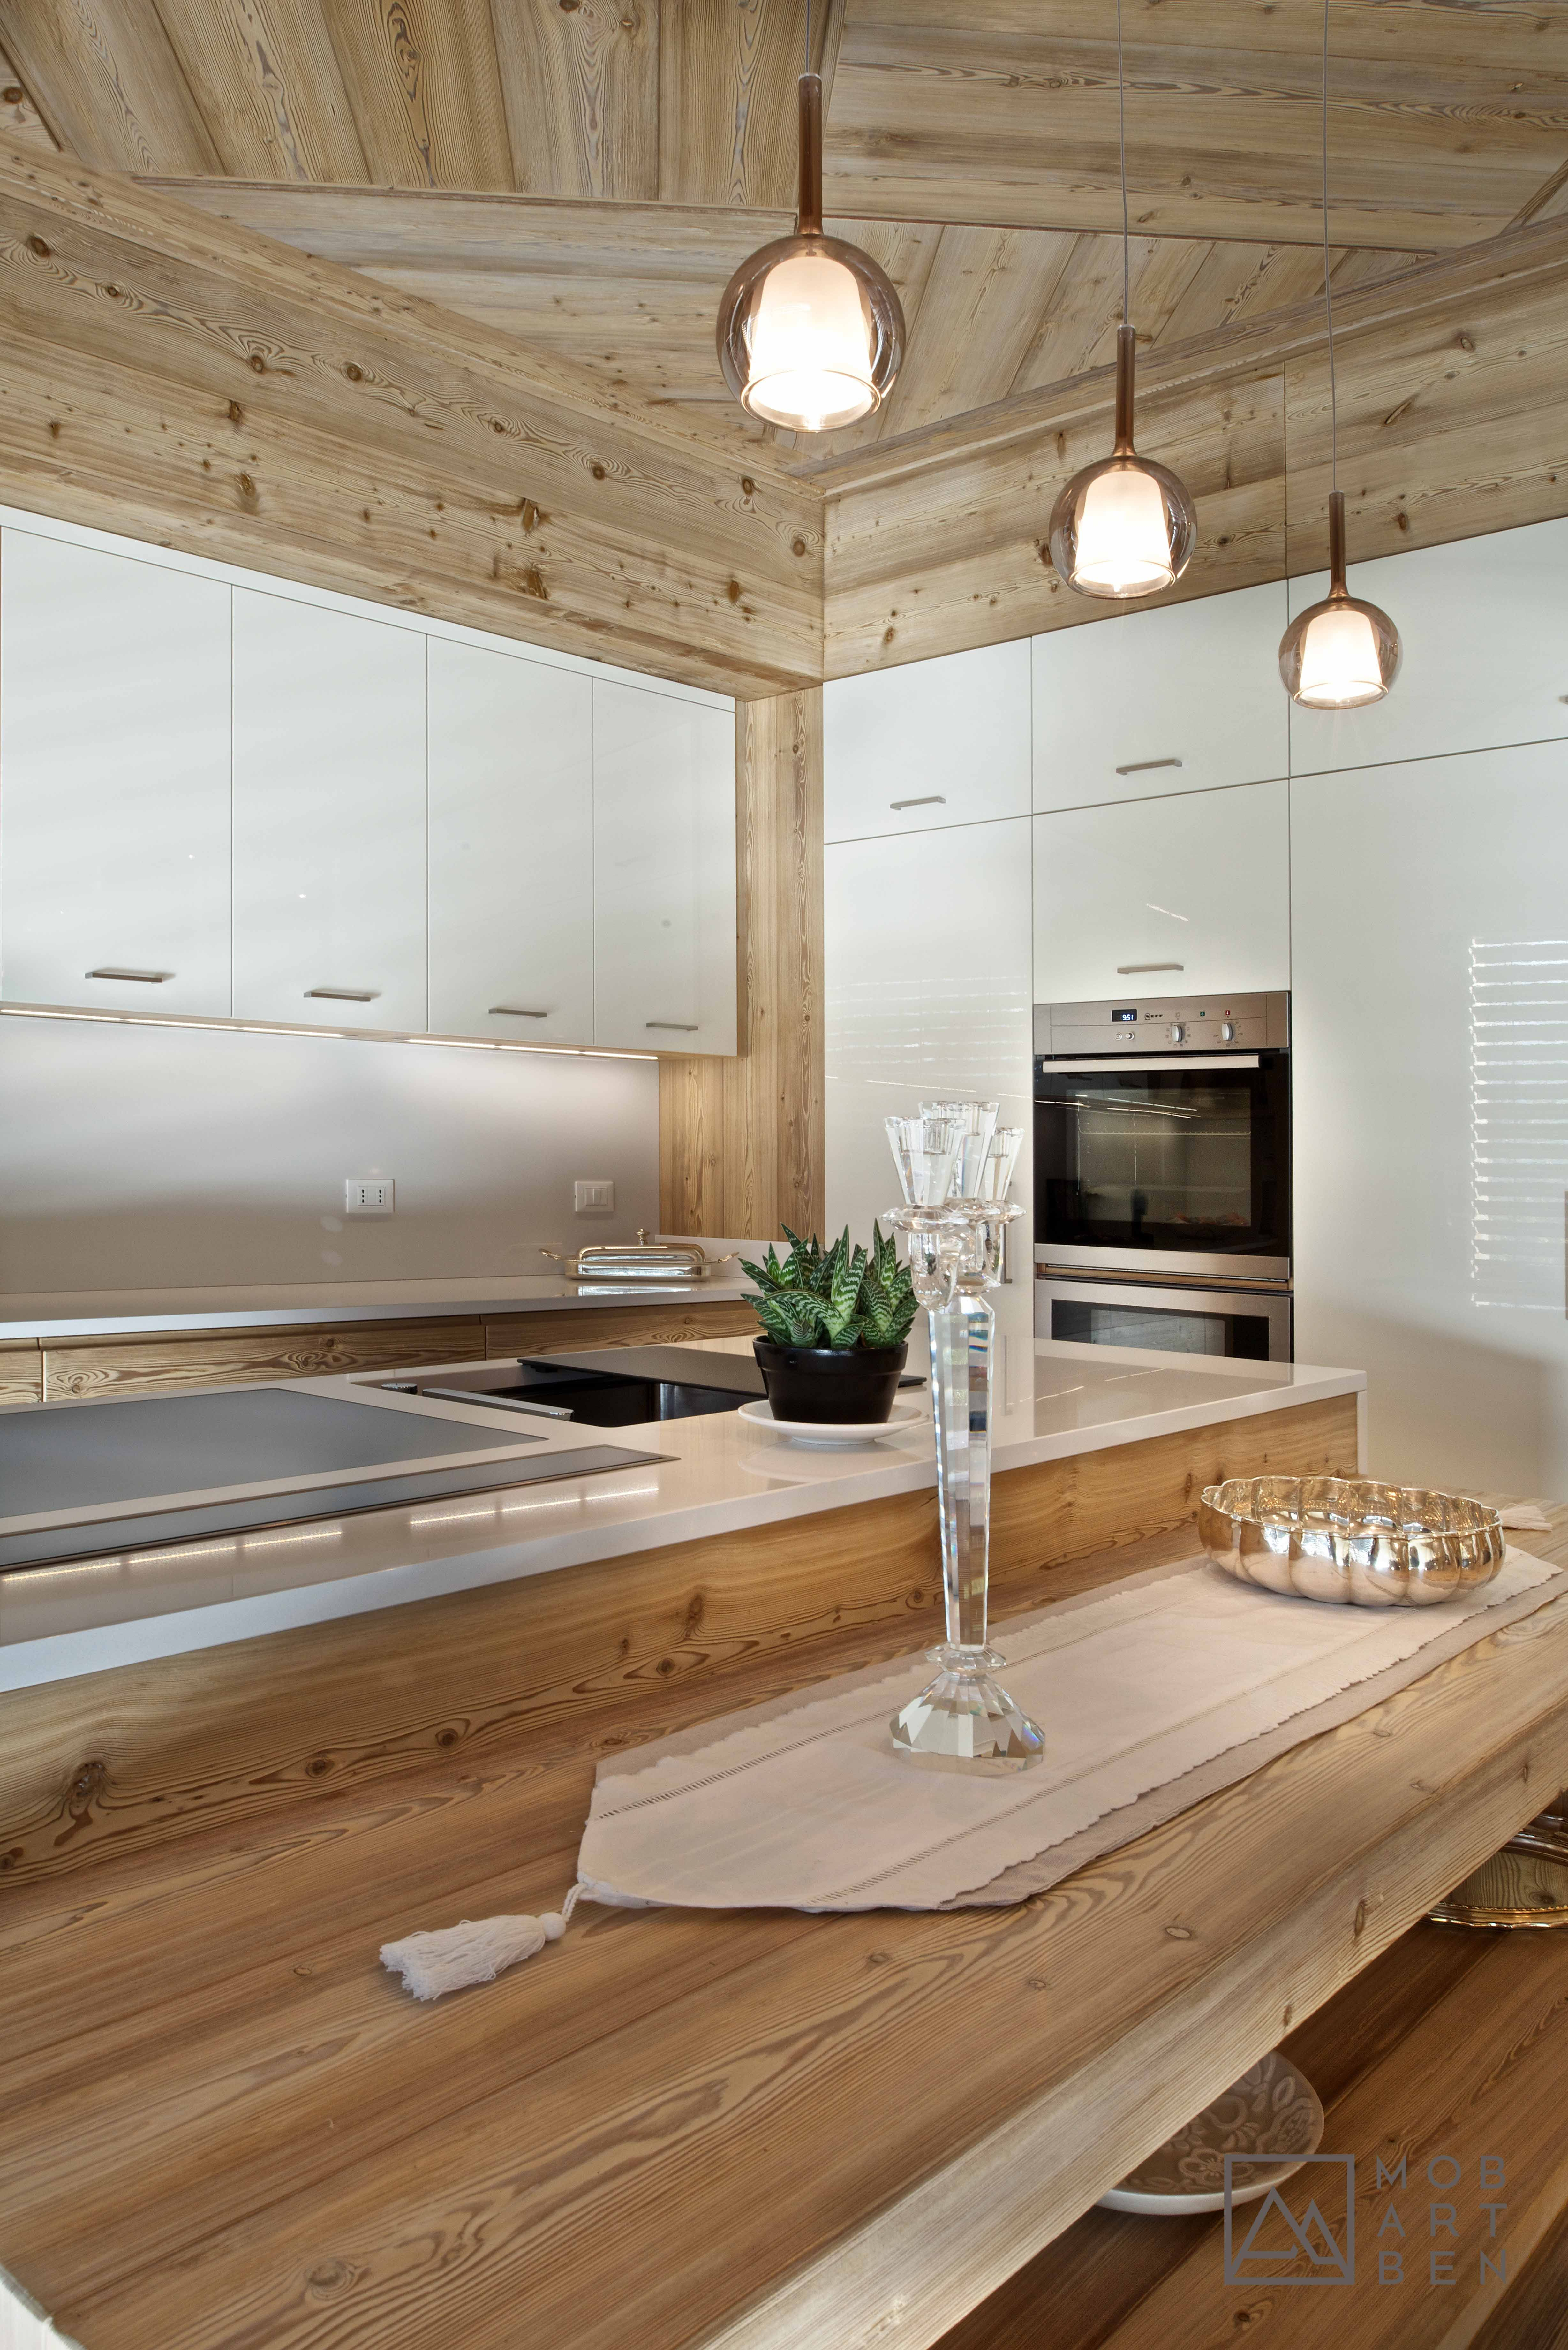 Cucina Artigianale Moderna.Cucina Moderna In Larice Spazzolato E Vetro Laccato